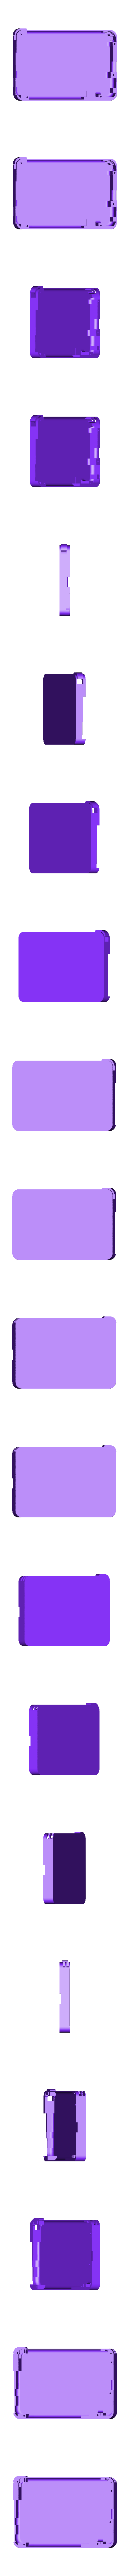 case.stl Télécharger fichier STL gratuit Wii portable • Modèle imprimable en 3D, indigo4